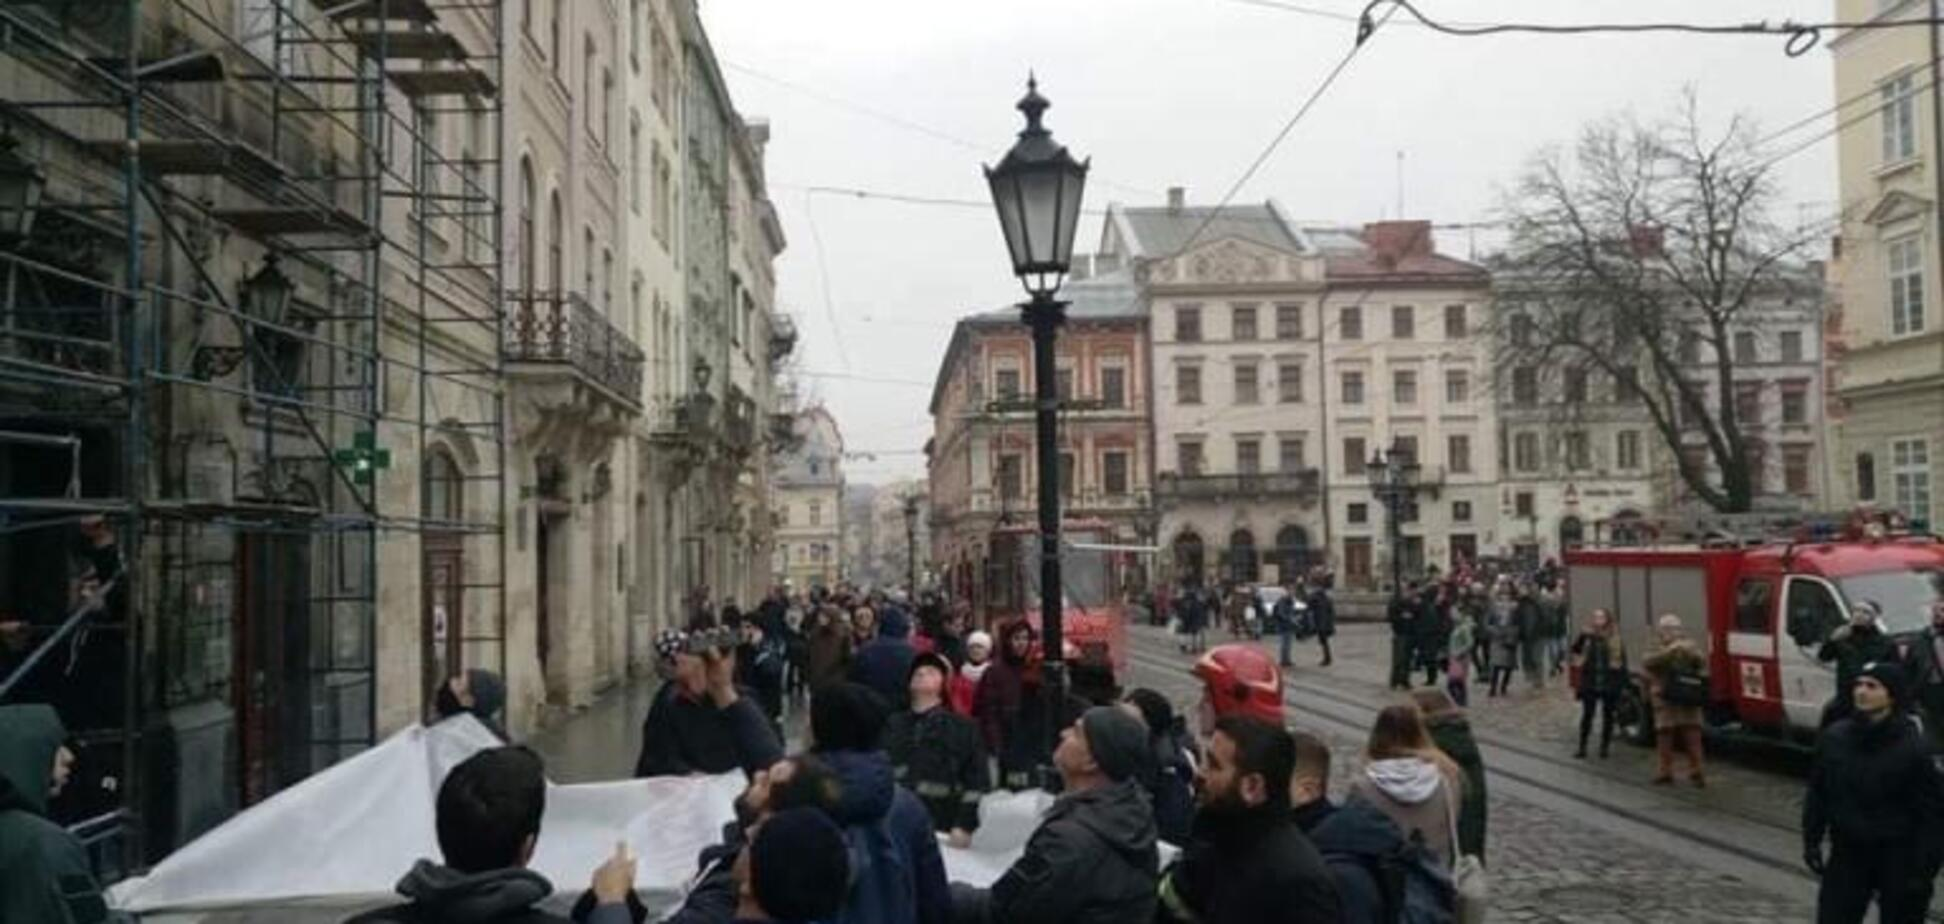 У центрі Львова іноземець намагався накласти на себе руки, зістрибнувши з даху: фото і відео